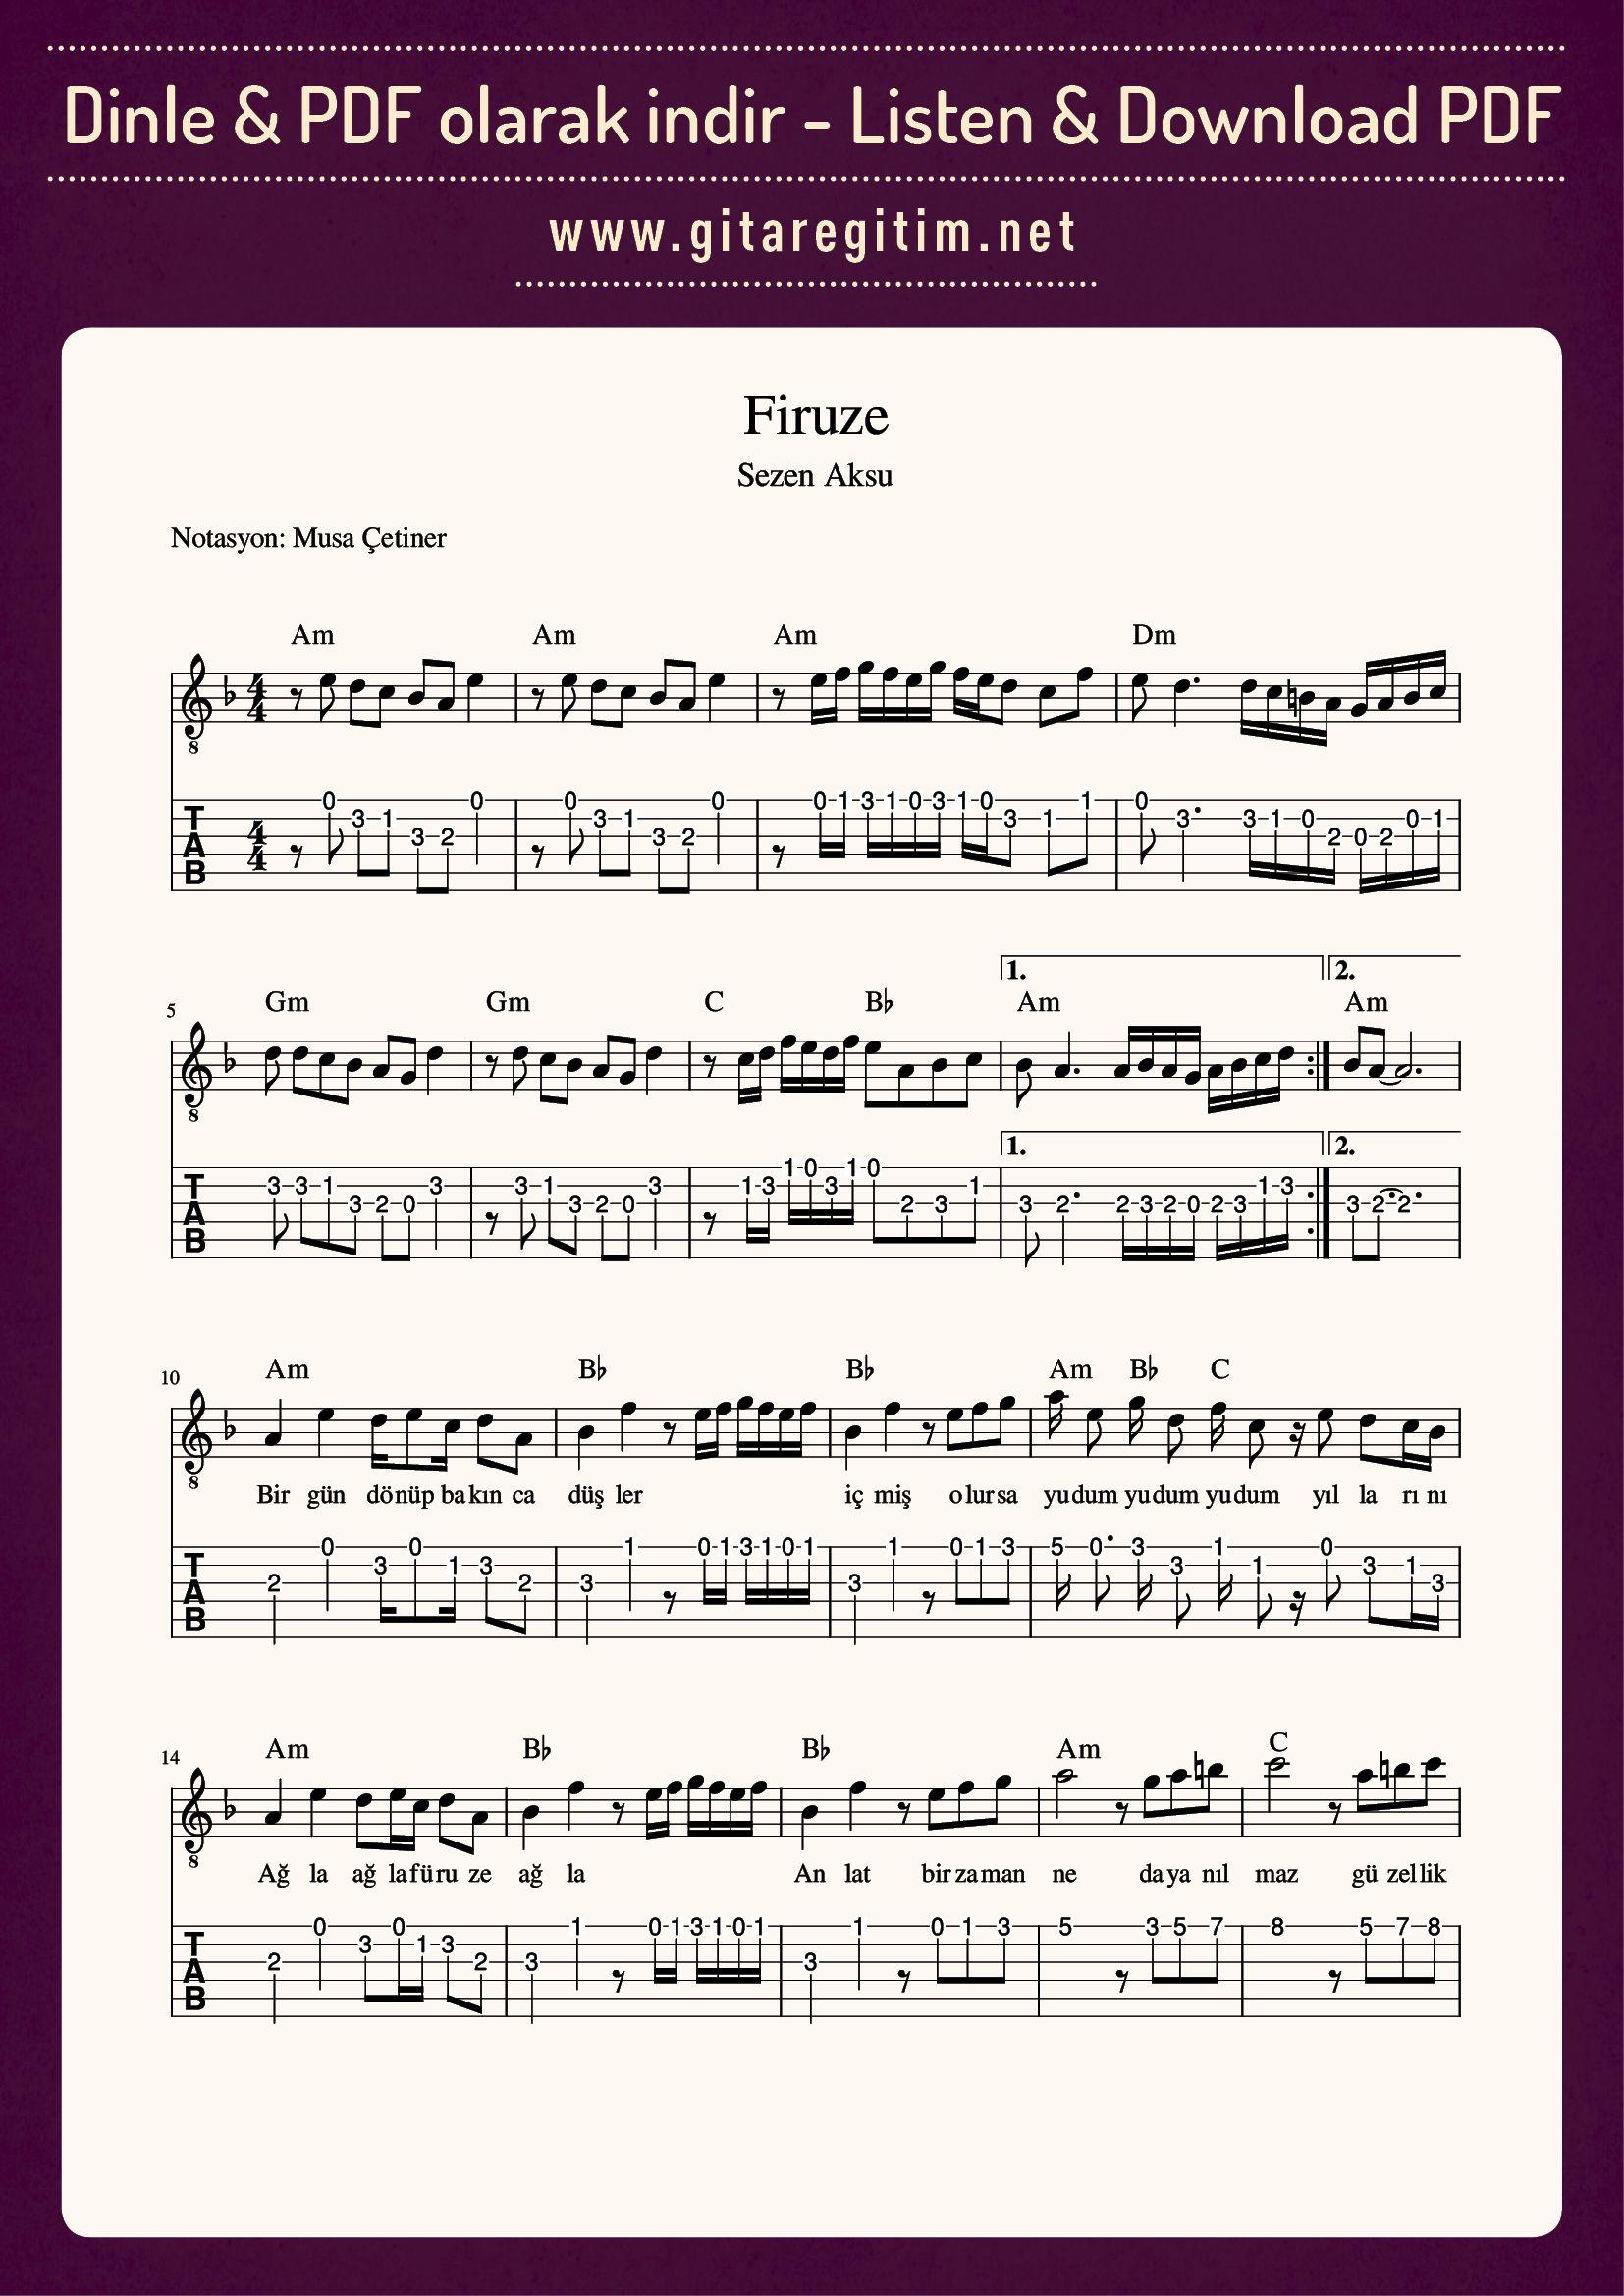 Firuze Nota Tab Gitaregitim Net Notalara Dokulmus Muzik Muzik Notalari Flut